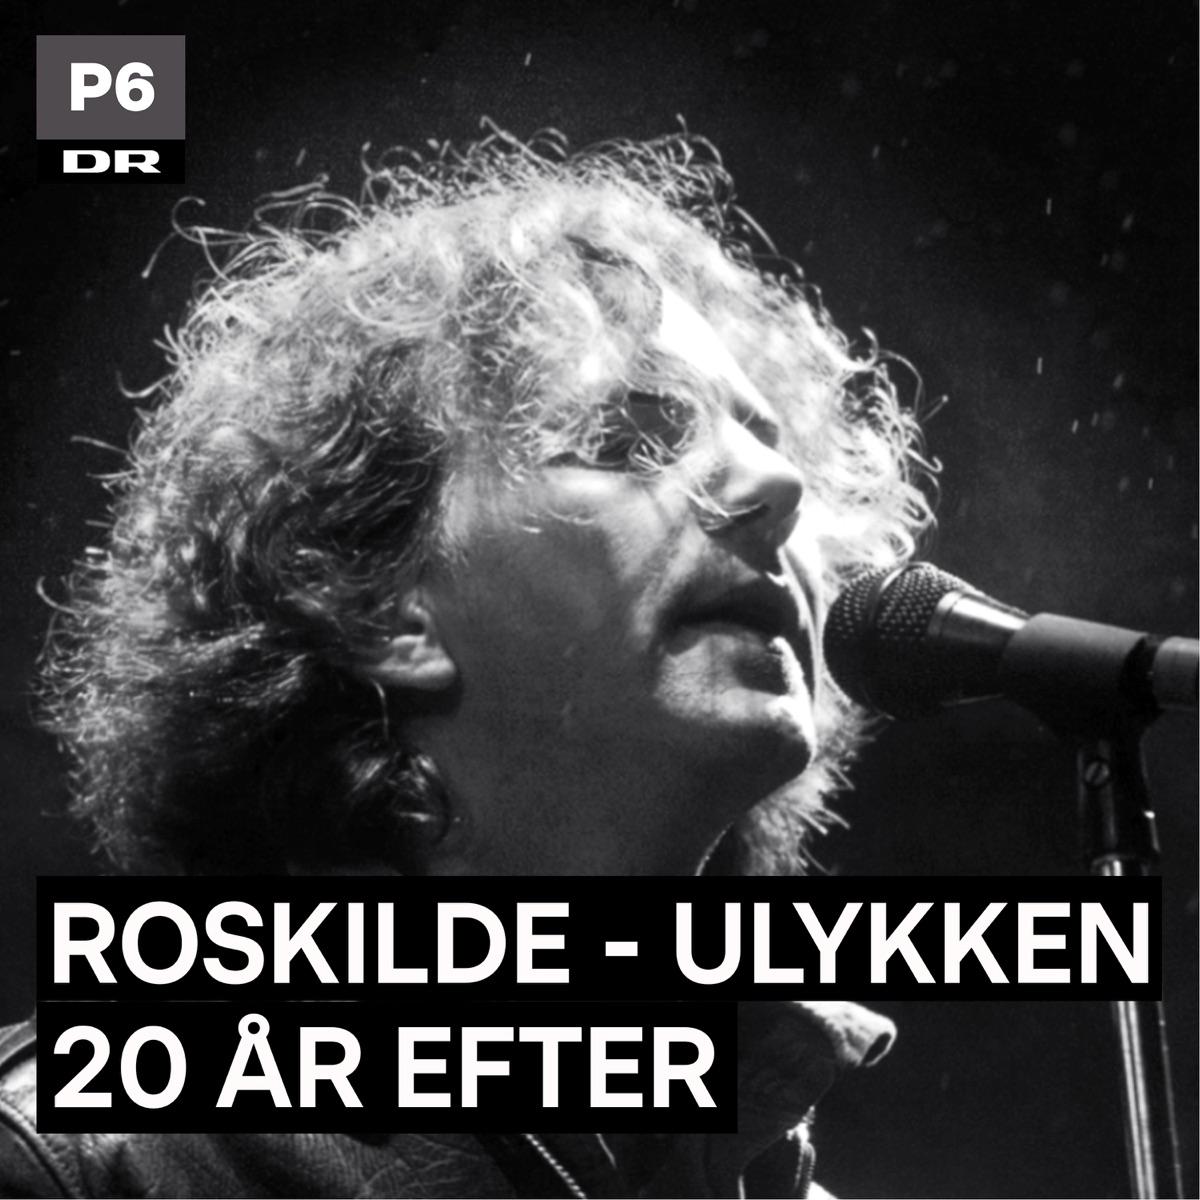 Roskilde - Ulykken 20 år efter